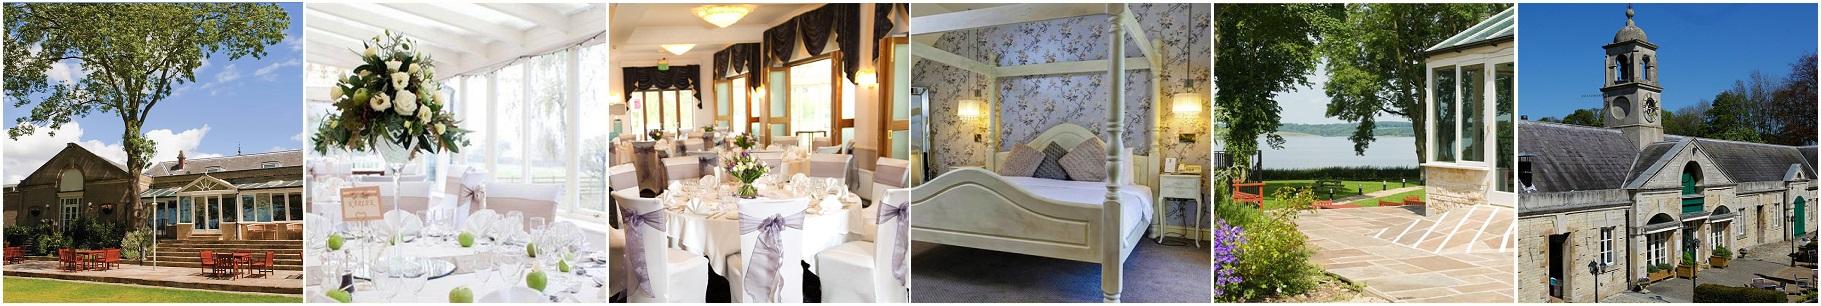 Normanton Park Hotel Photos- Leicestershire Wedding Venues